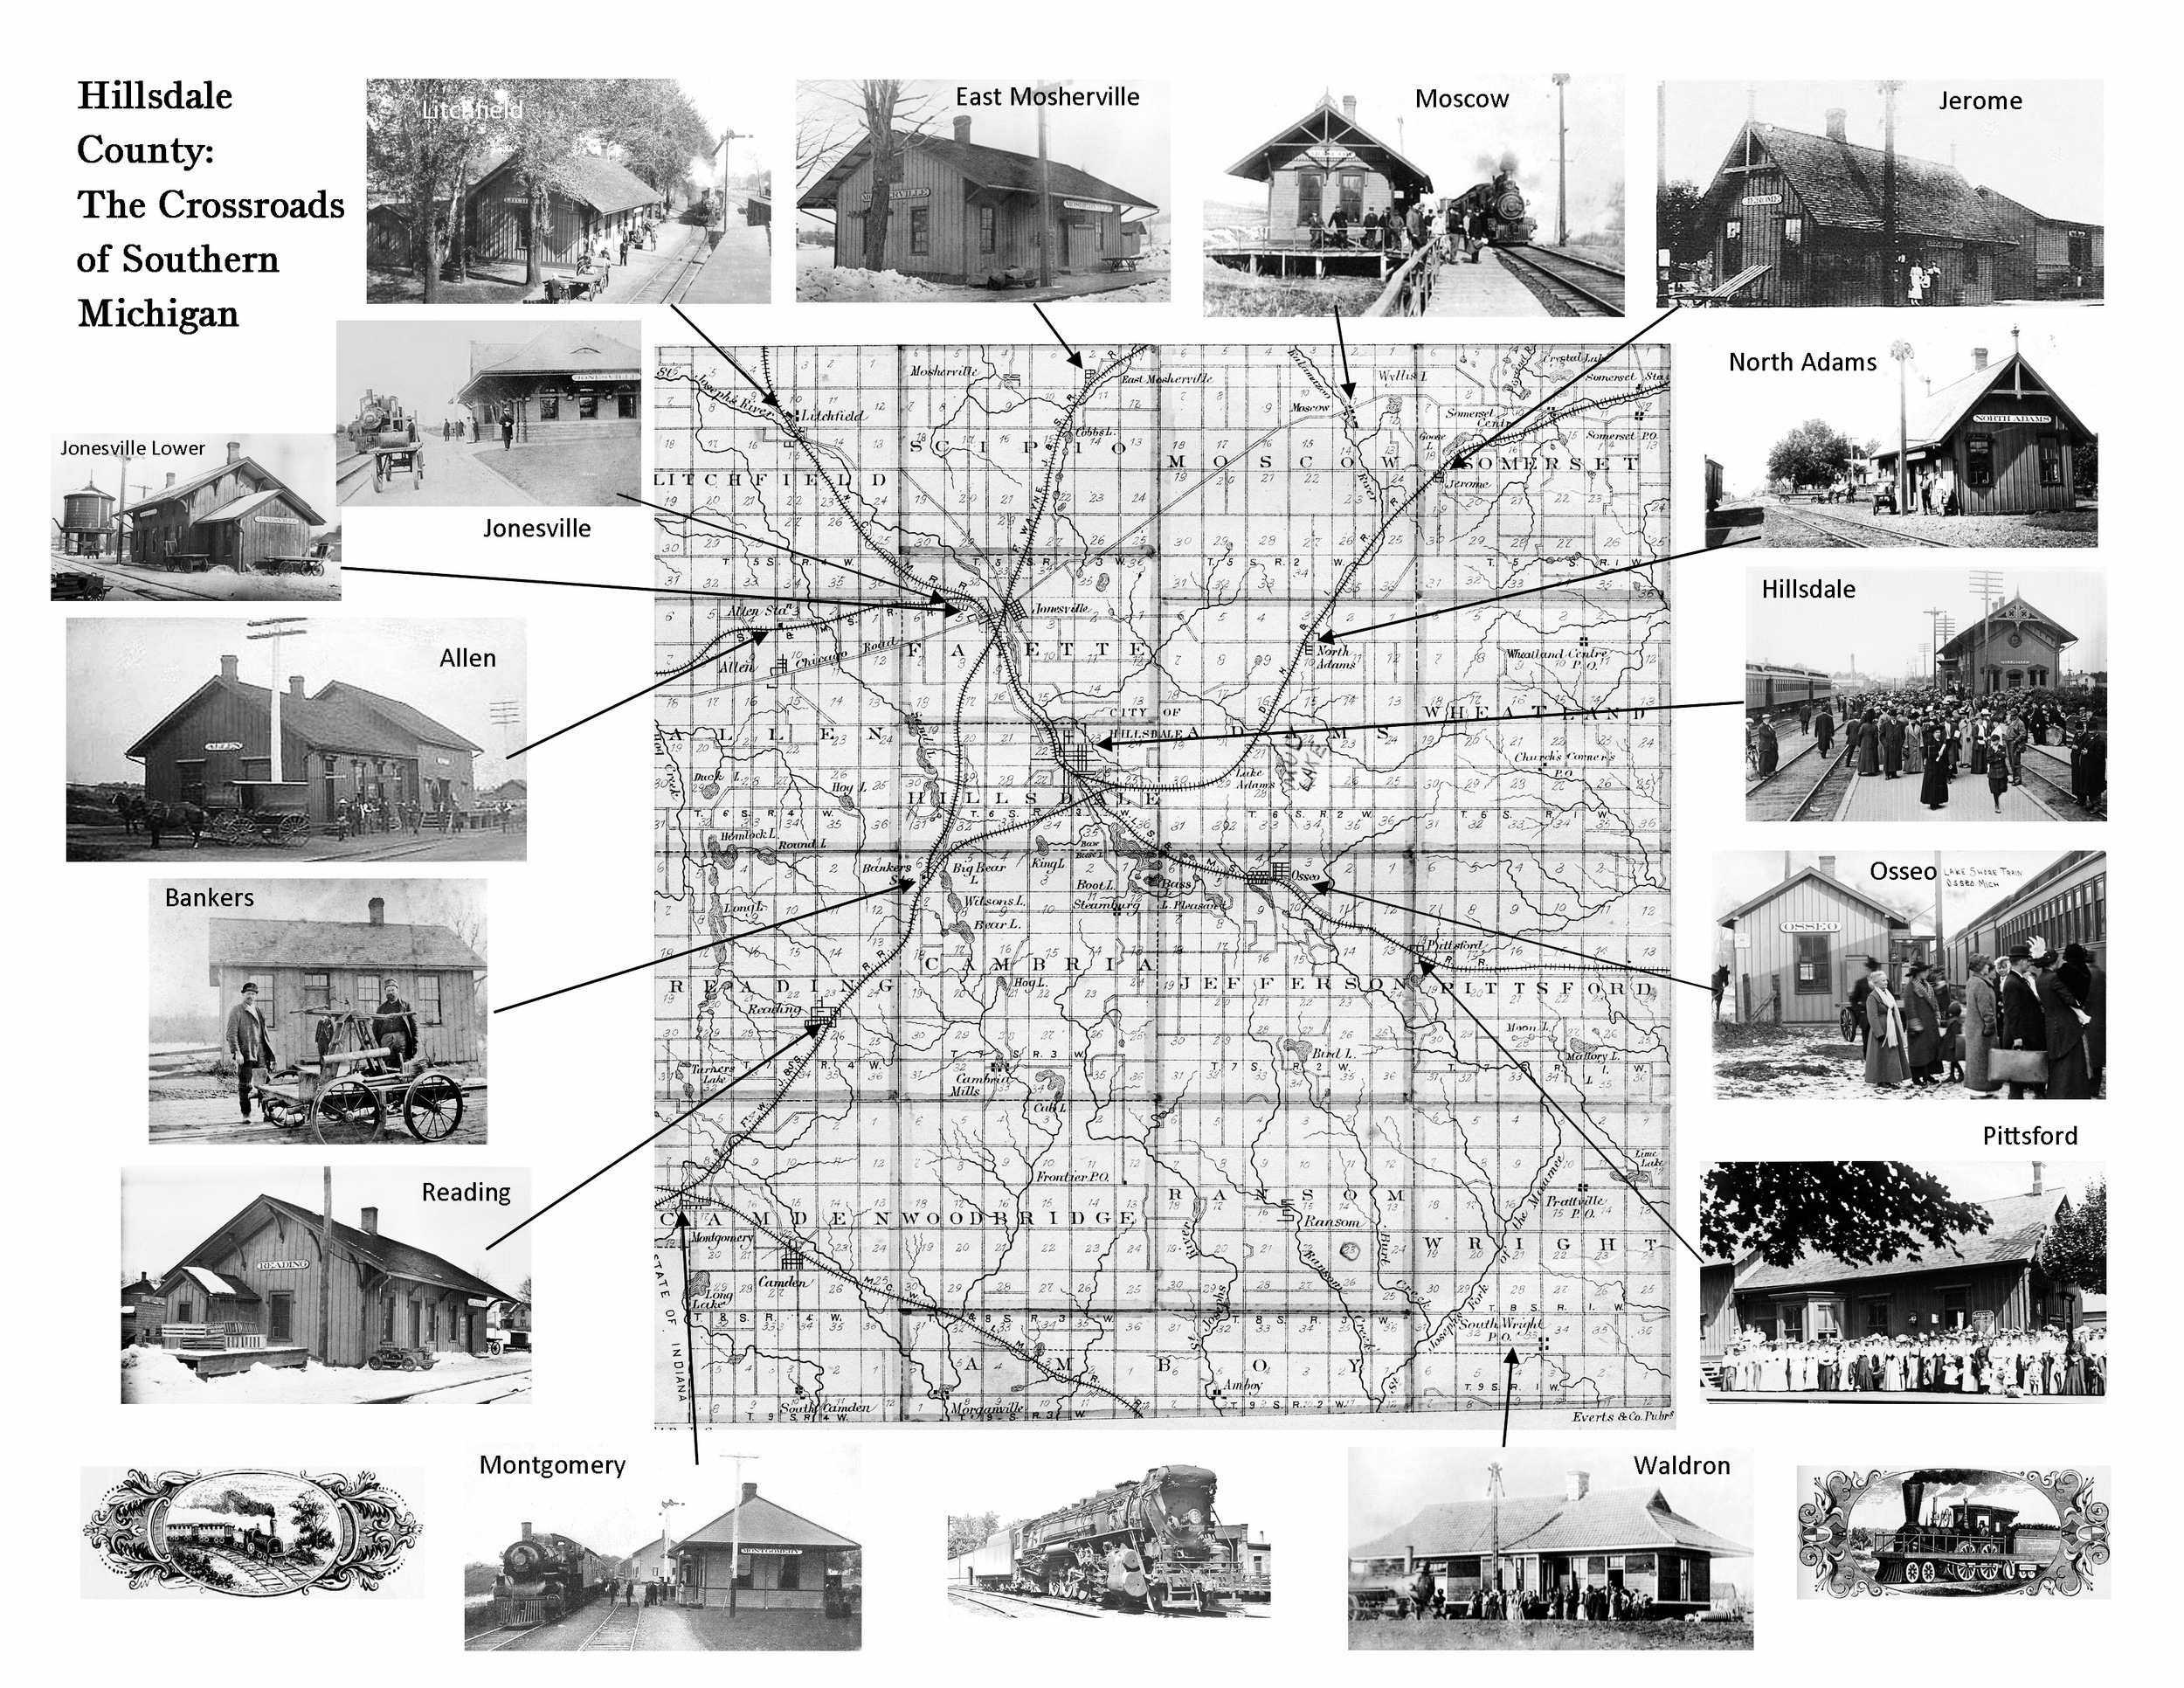 Railroad depots in hillsdale county